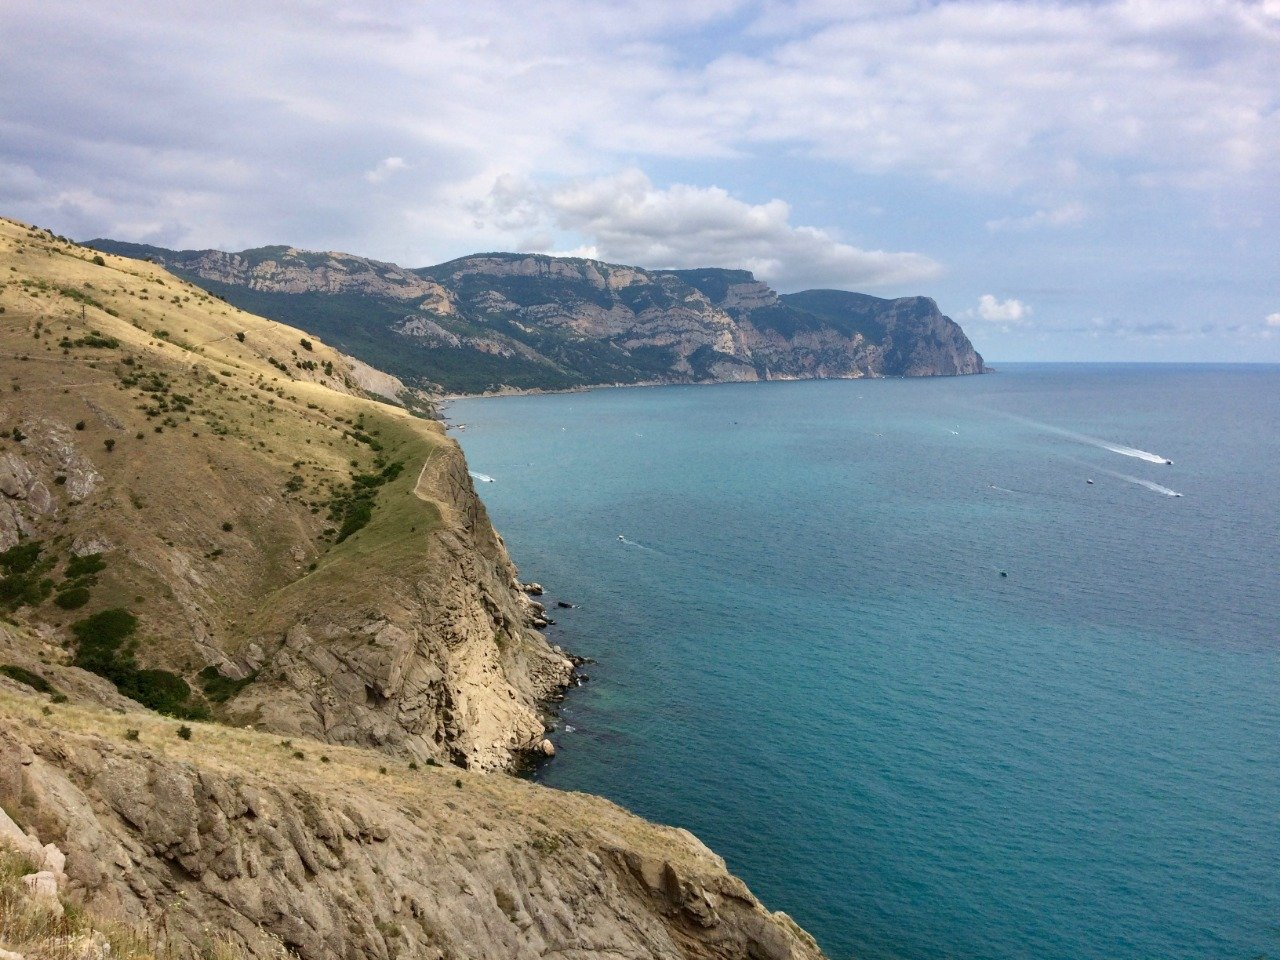 Недорогая поездка в Крым: хорошо ли отдыхать на западном побережье?